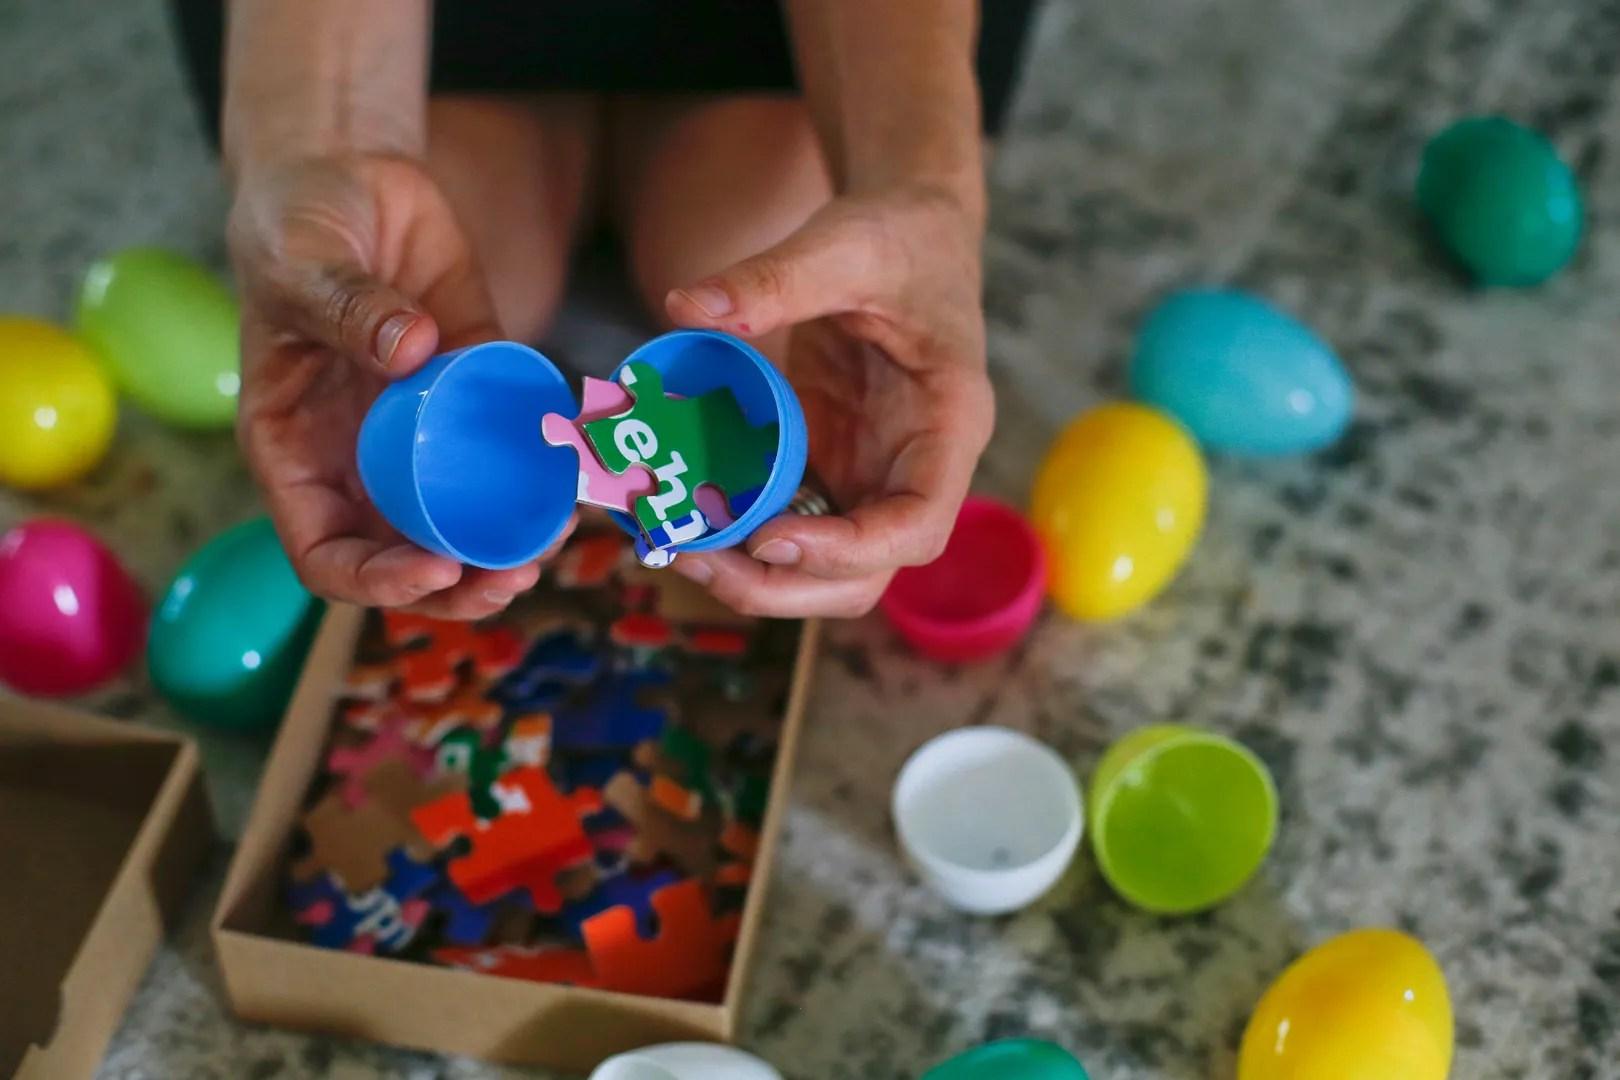 photo easter eggs 1_zpstnvqeib7.jpg